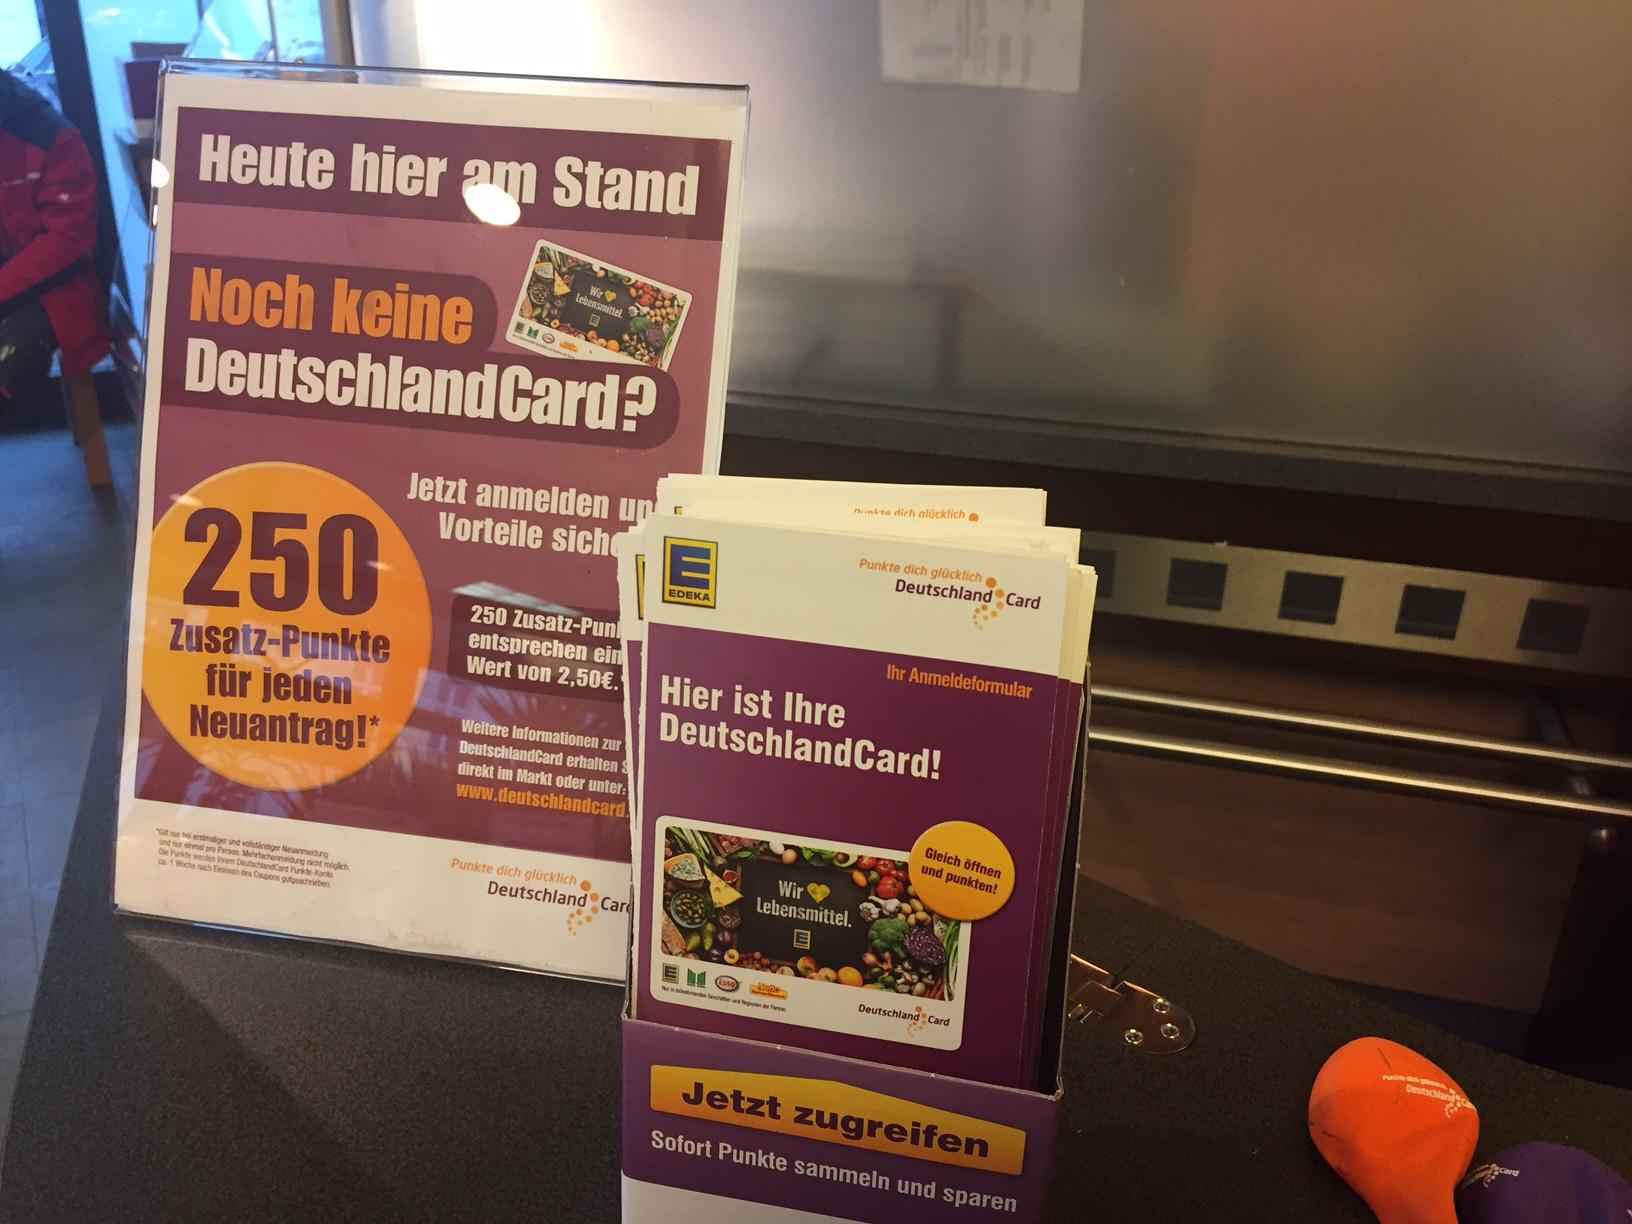 Deutschlandcard 2 Karte Anmelden.Deutschlandcard Und Payback In Berlin Mehr Punkten Upgrade Guru